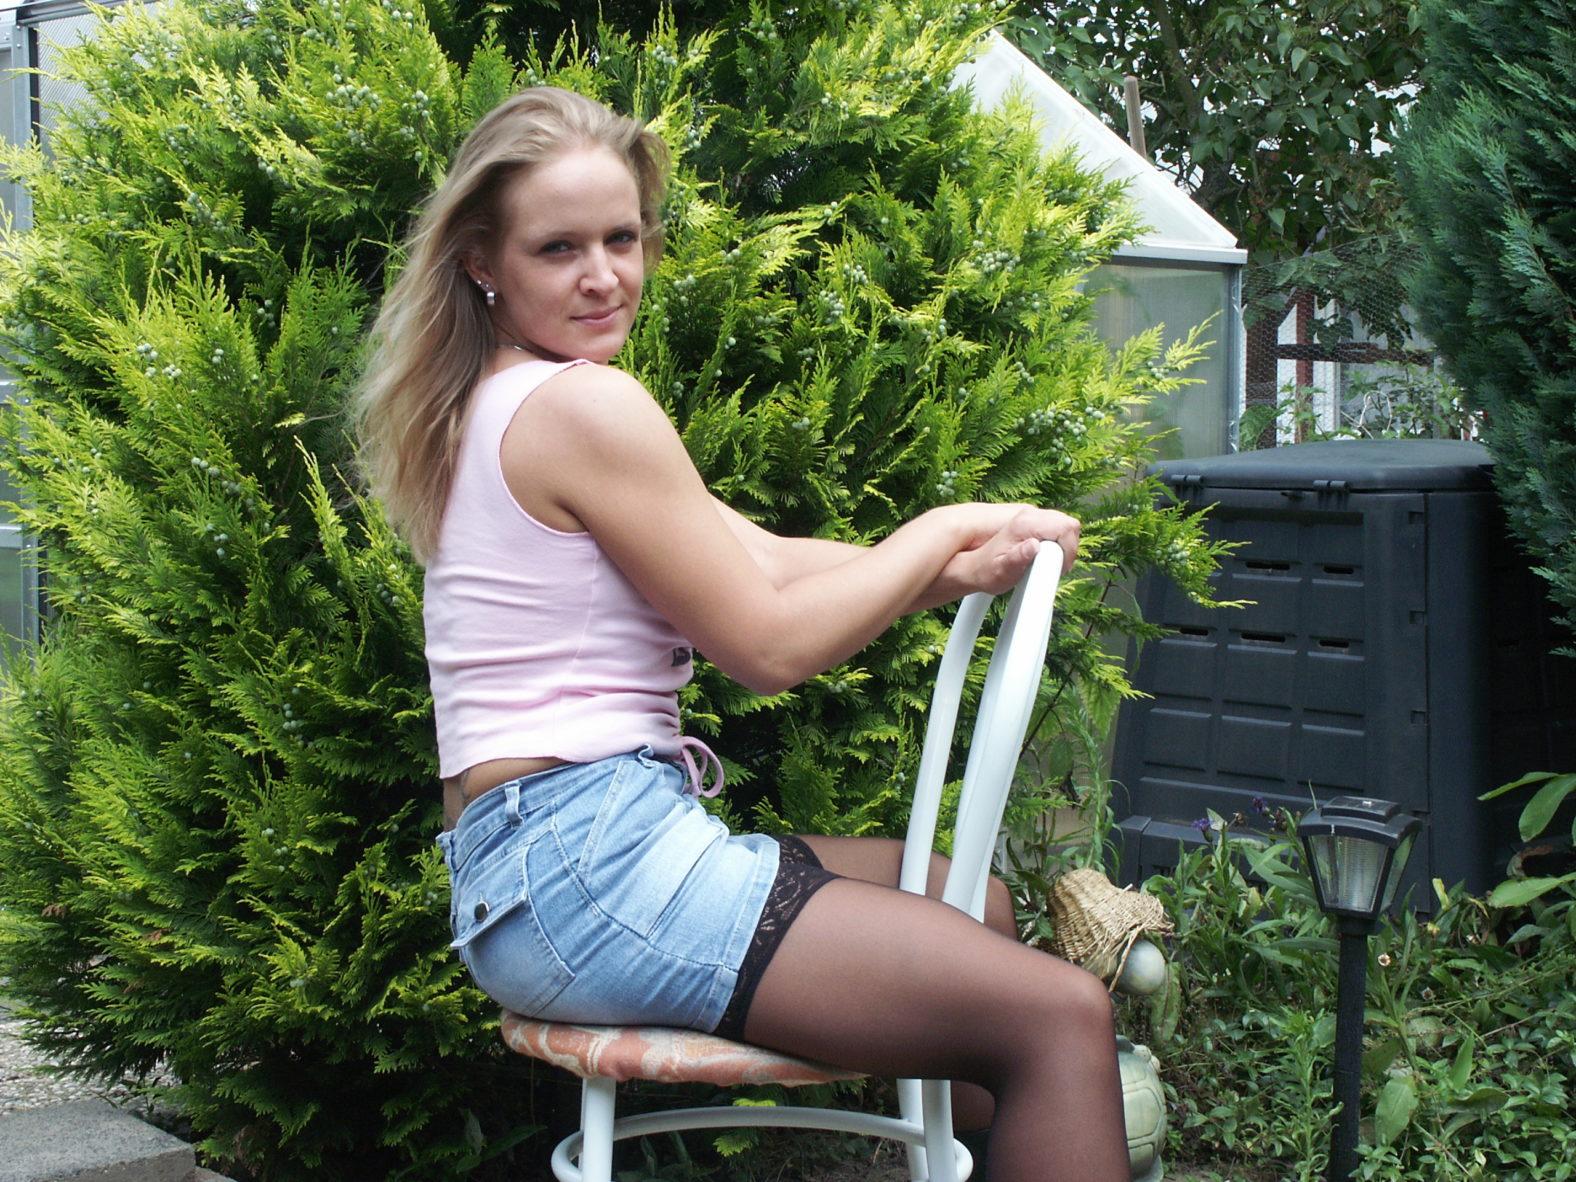 jung Blondine im Unternemd mit halterlosen Strümpfen sitzt auf Stuhl im Garten